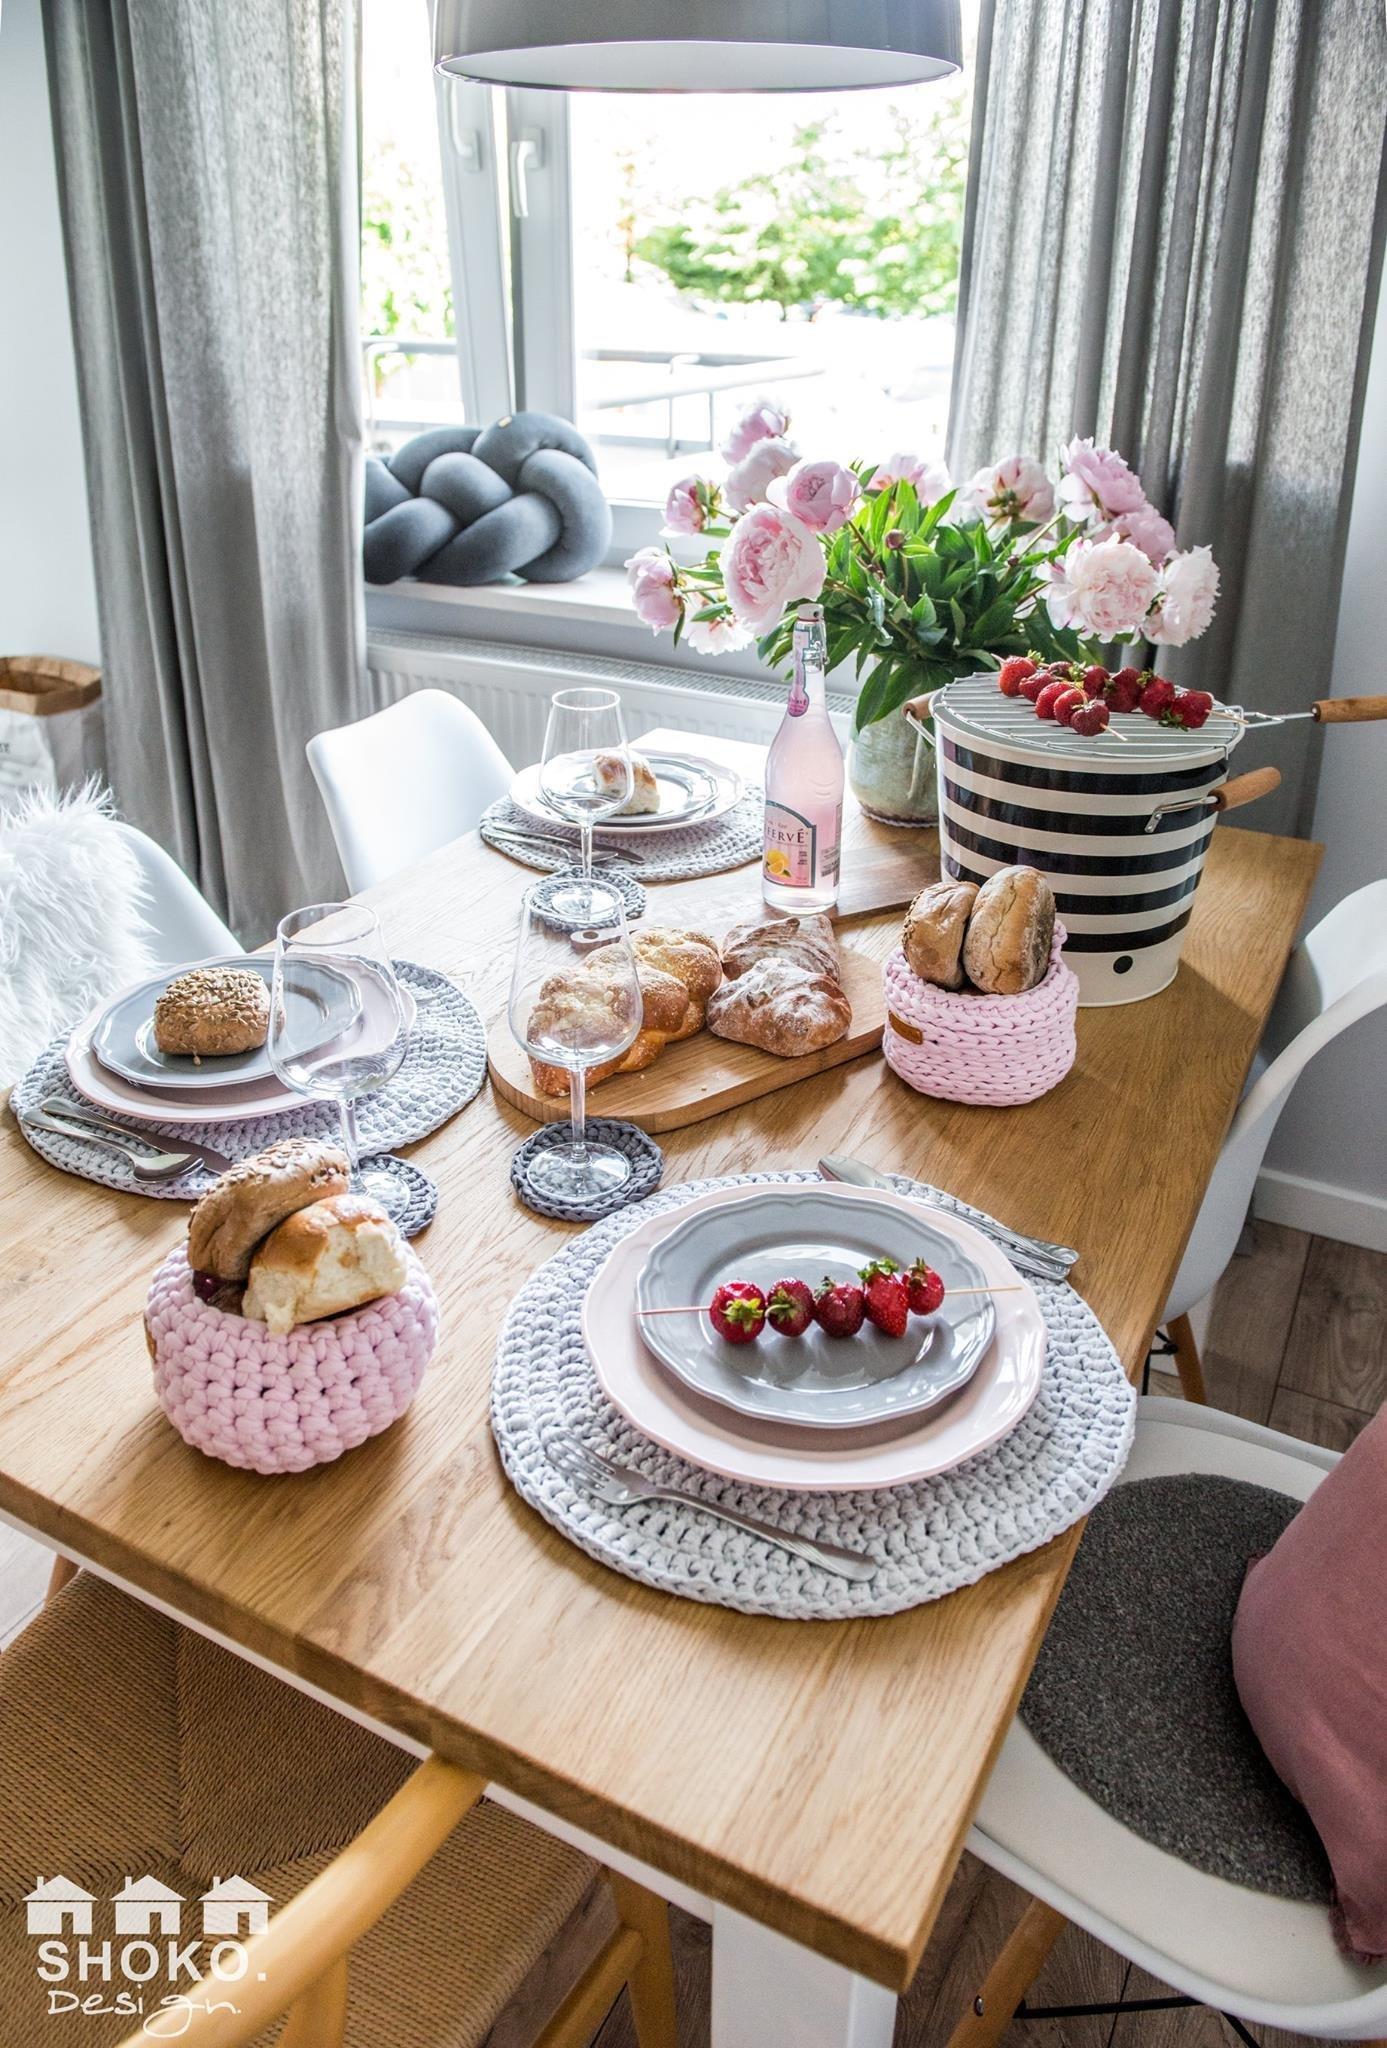 Retro se skandinávskými prvky a růžovými akcenty